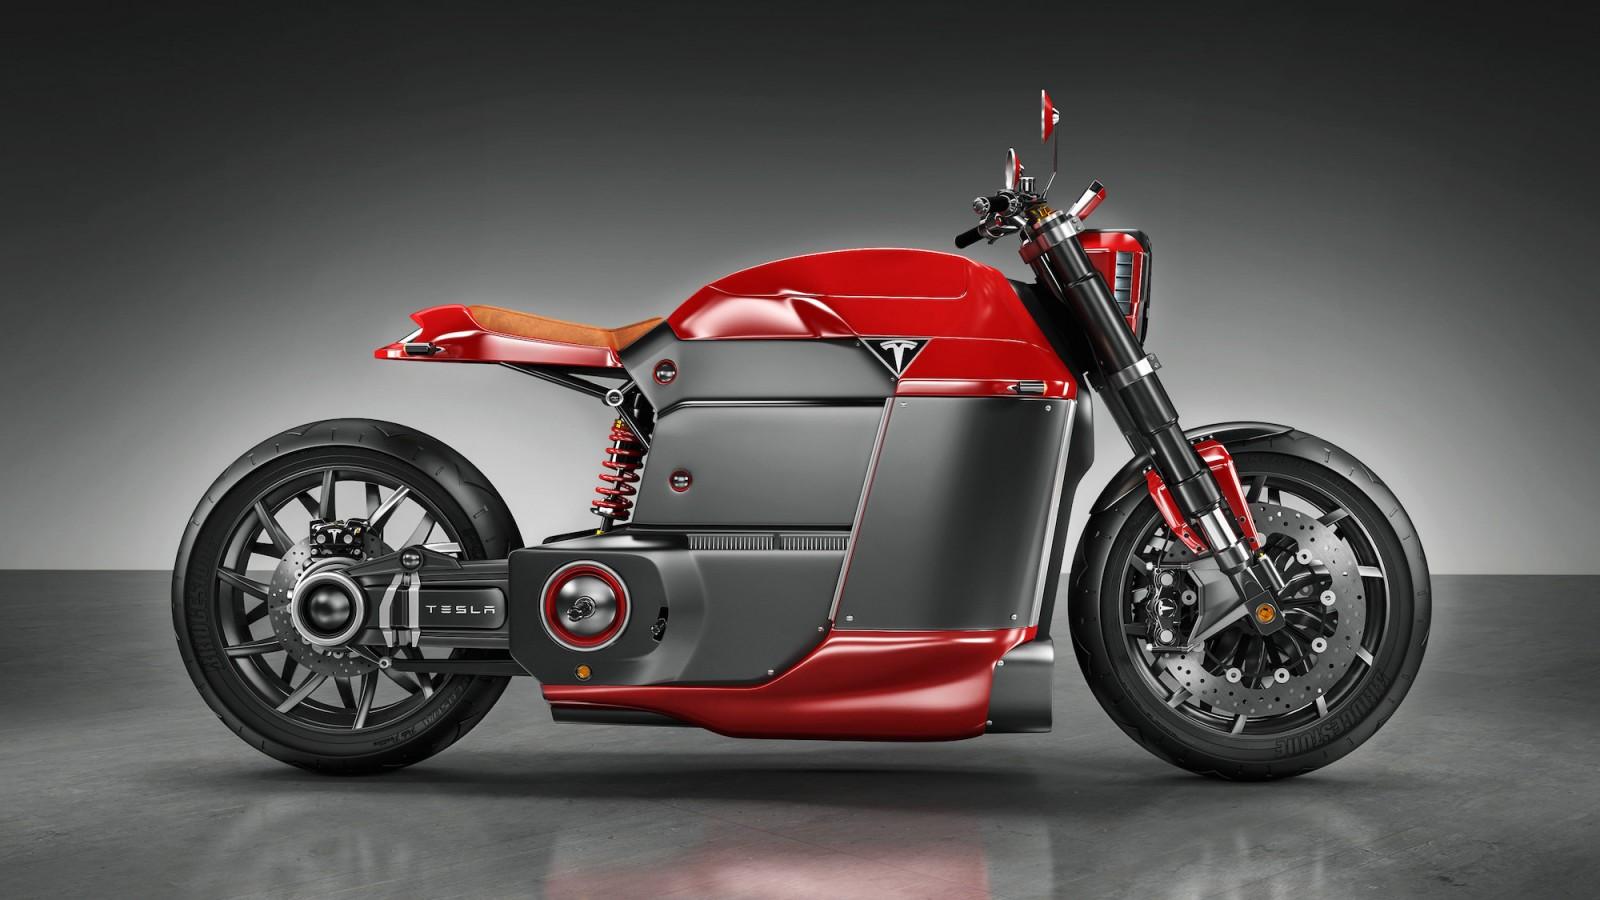 Tesla Motorcycle Concept - Tesla Model M 4